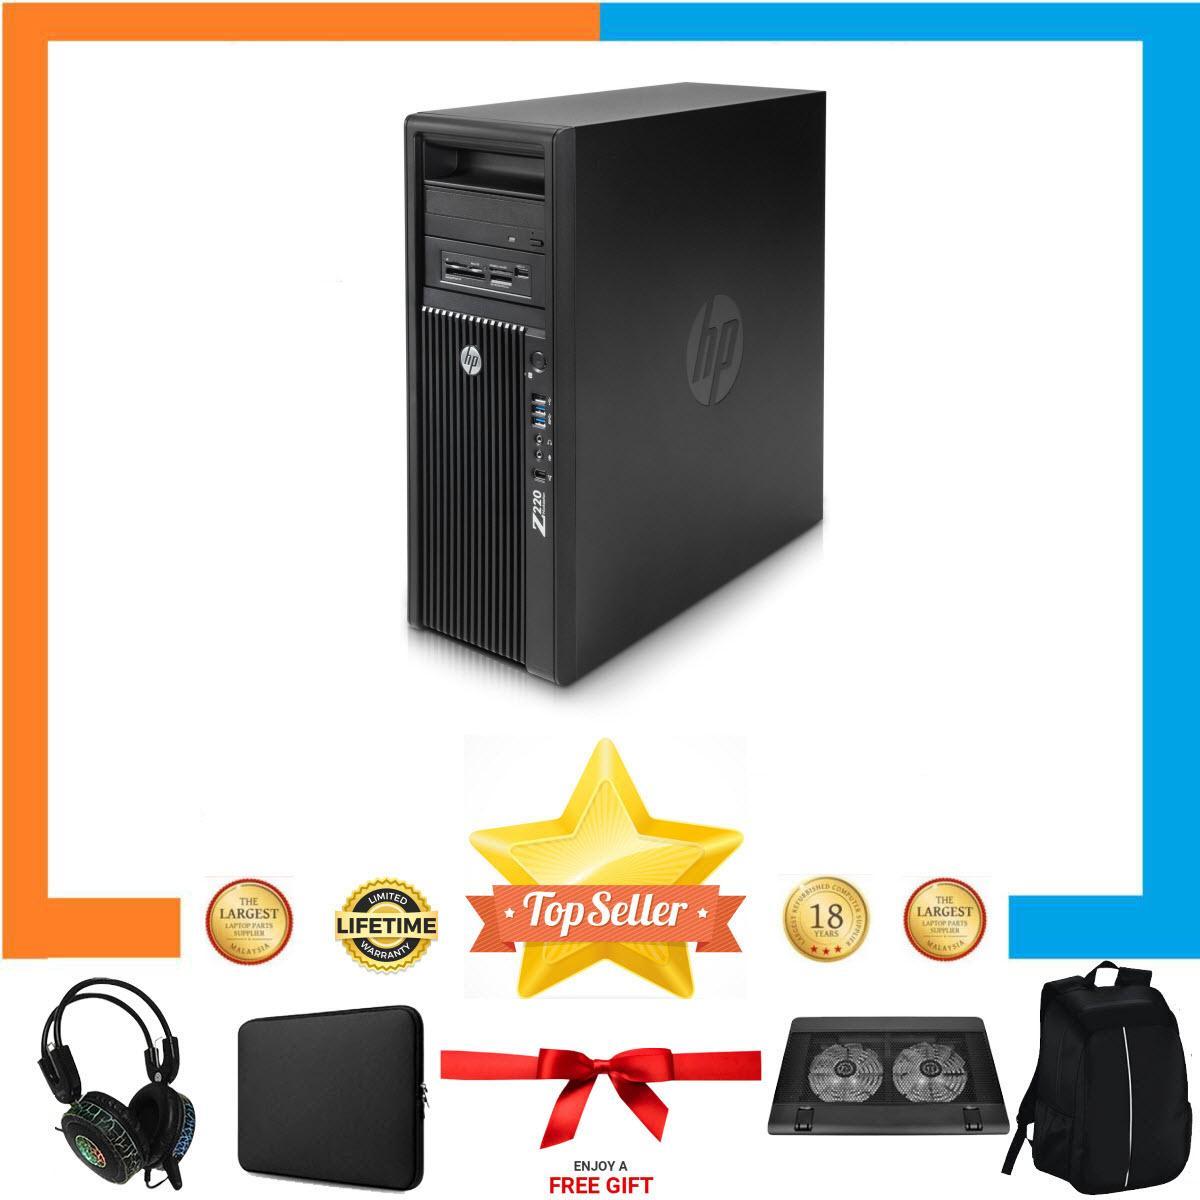 Máy Tính Chơi Game HP WORKSTATION Z220 MT Nguyên Bản, Chạy CPU Xeon E3 1240 V2, Ram ECC 8GB, SSD 120GB, HDD 2TB, GTX 1050 2GB + Bộ Quà Tặng